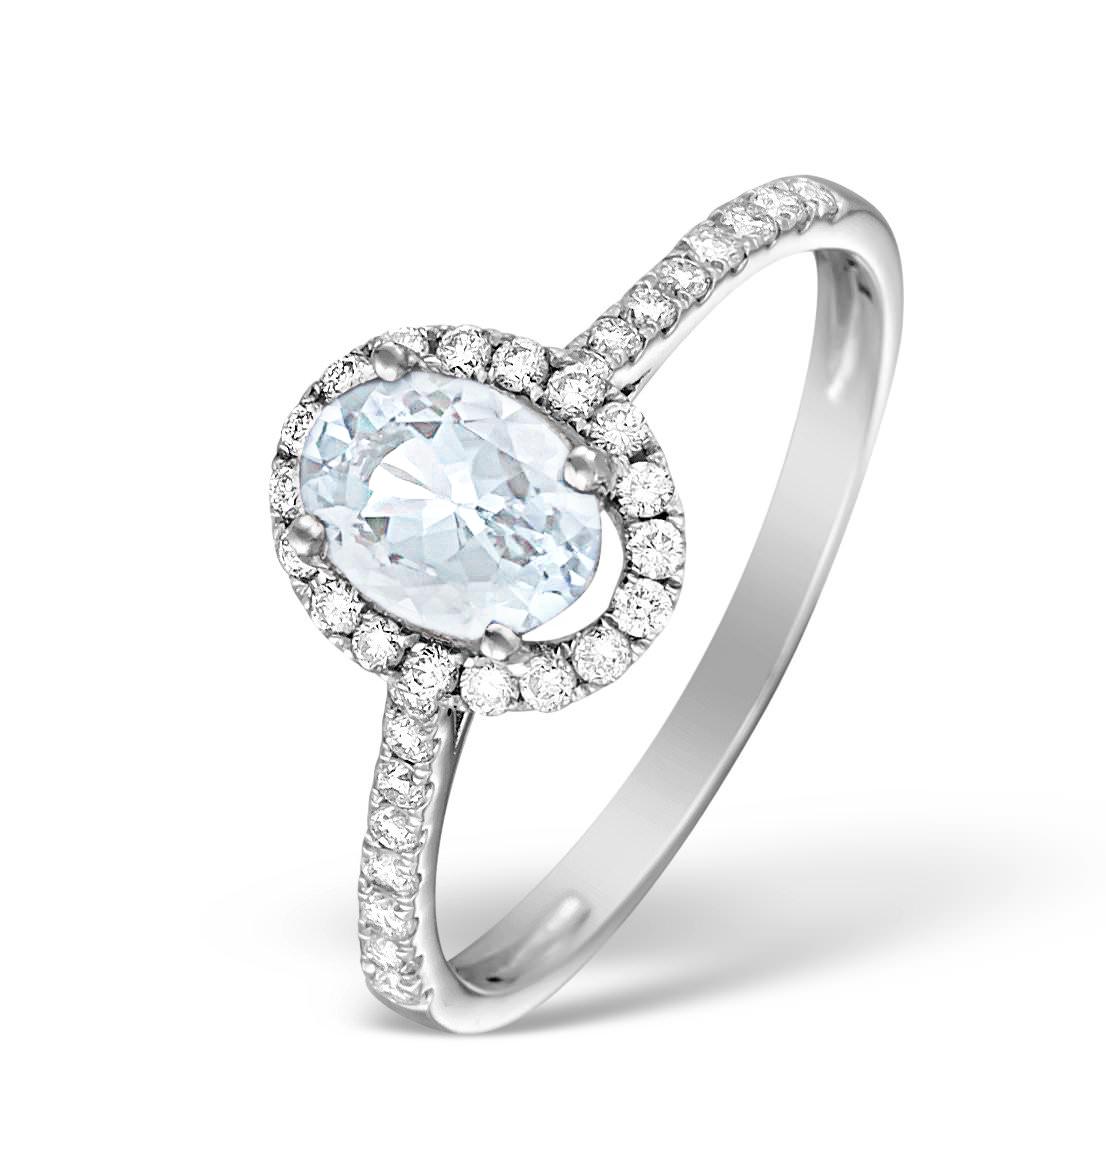 AQUAMARINE 0.70CT AND DIAMOND 18K WHITE GOLD RING